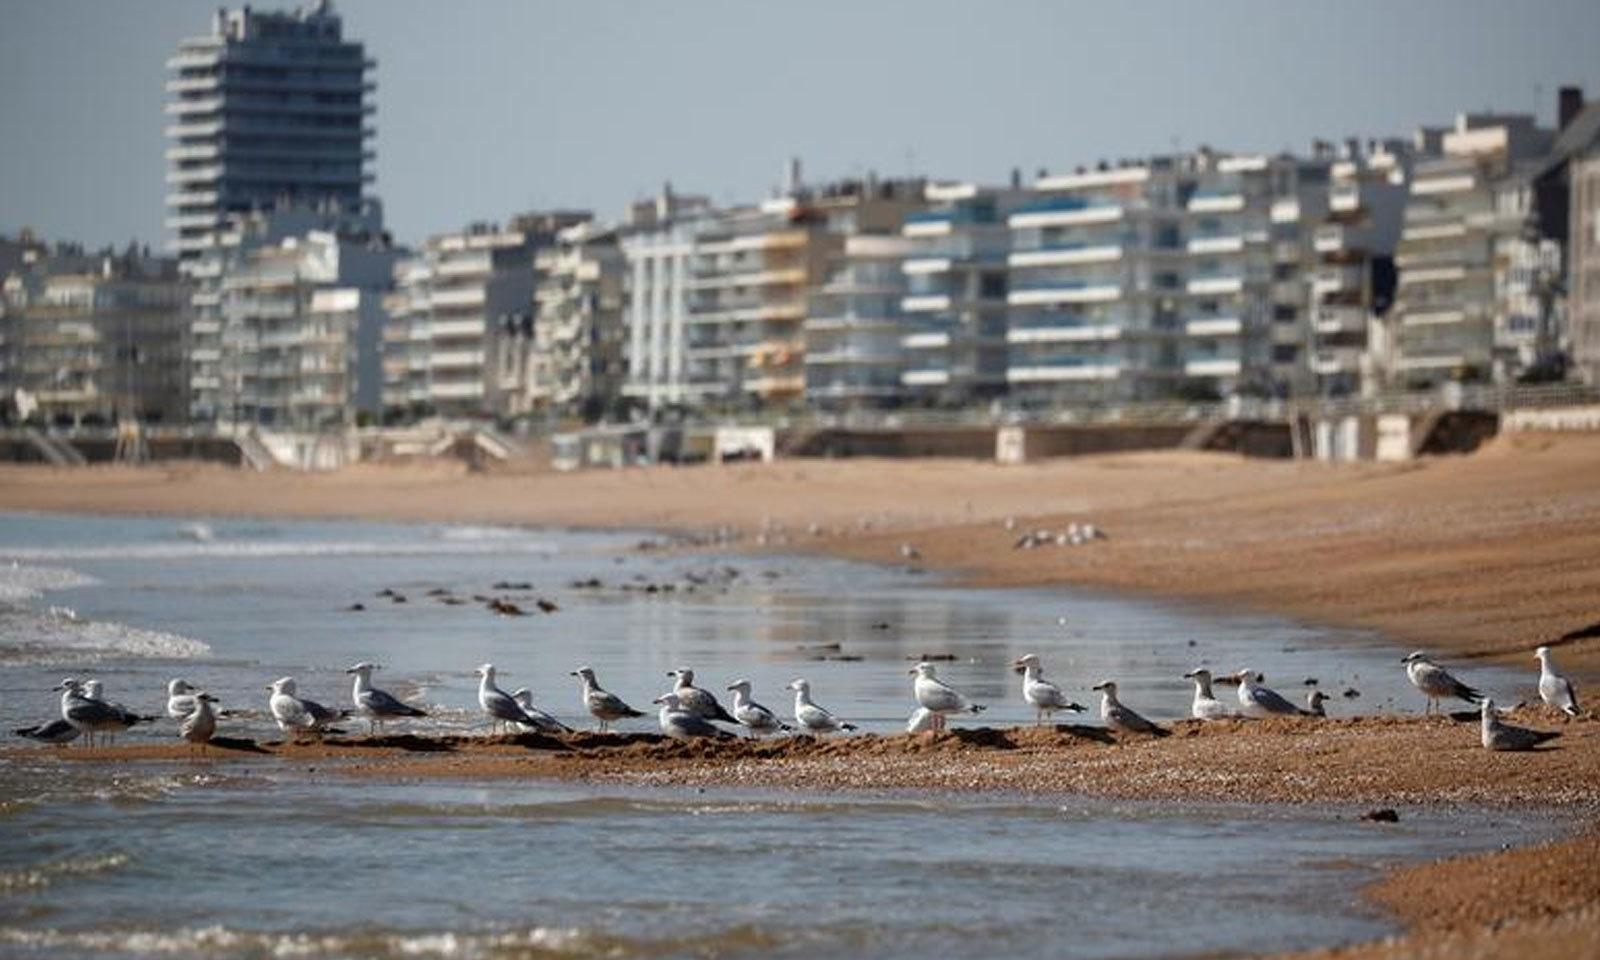 فرانس میں کورونا وائرس کے باعث ویران ساحل پر پرندوں نے ڈیرا ڈالا ہوا ہے—فوٹو: رائٹرز